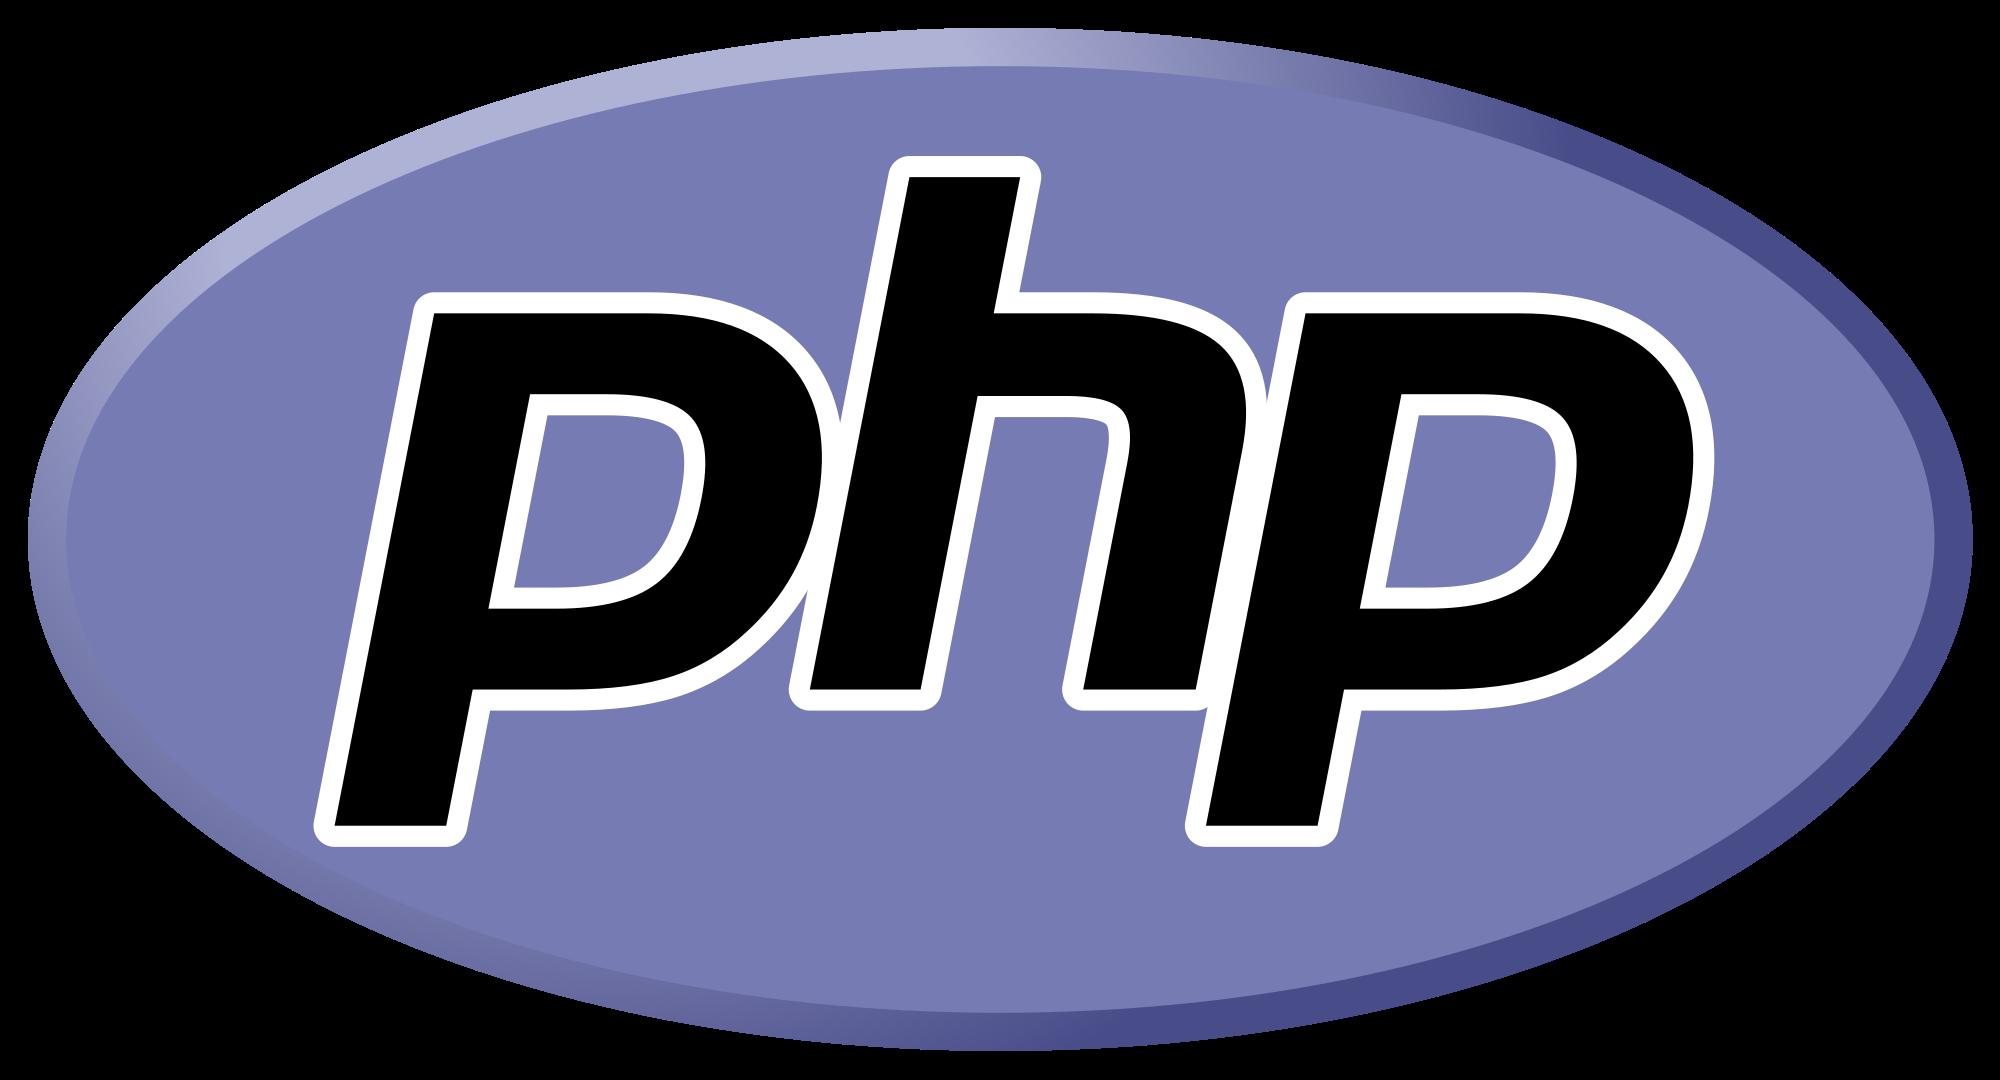 पीएचपी क्या है? (What is PHP in Hindi)